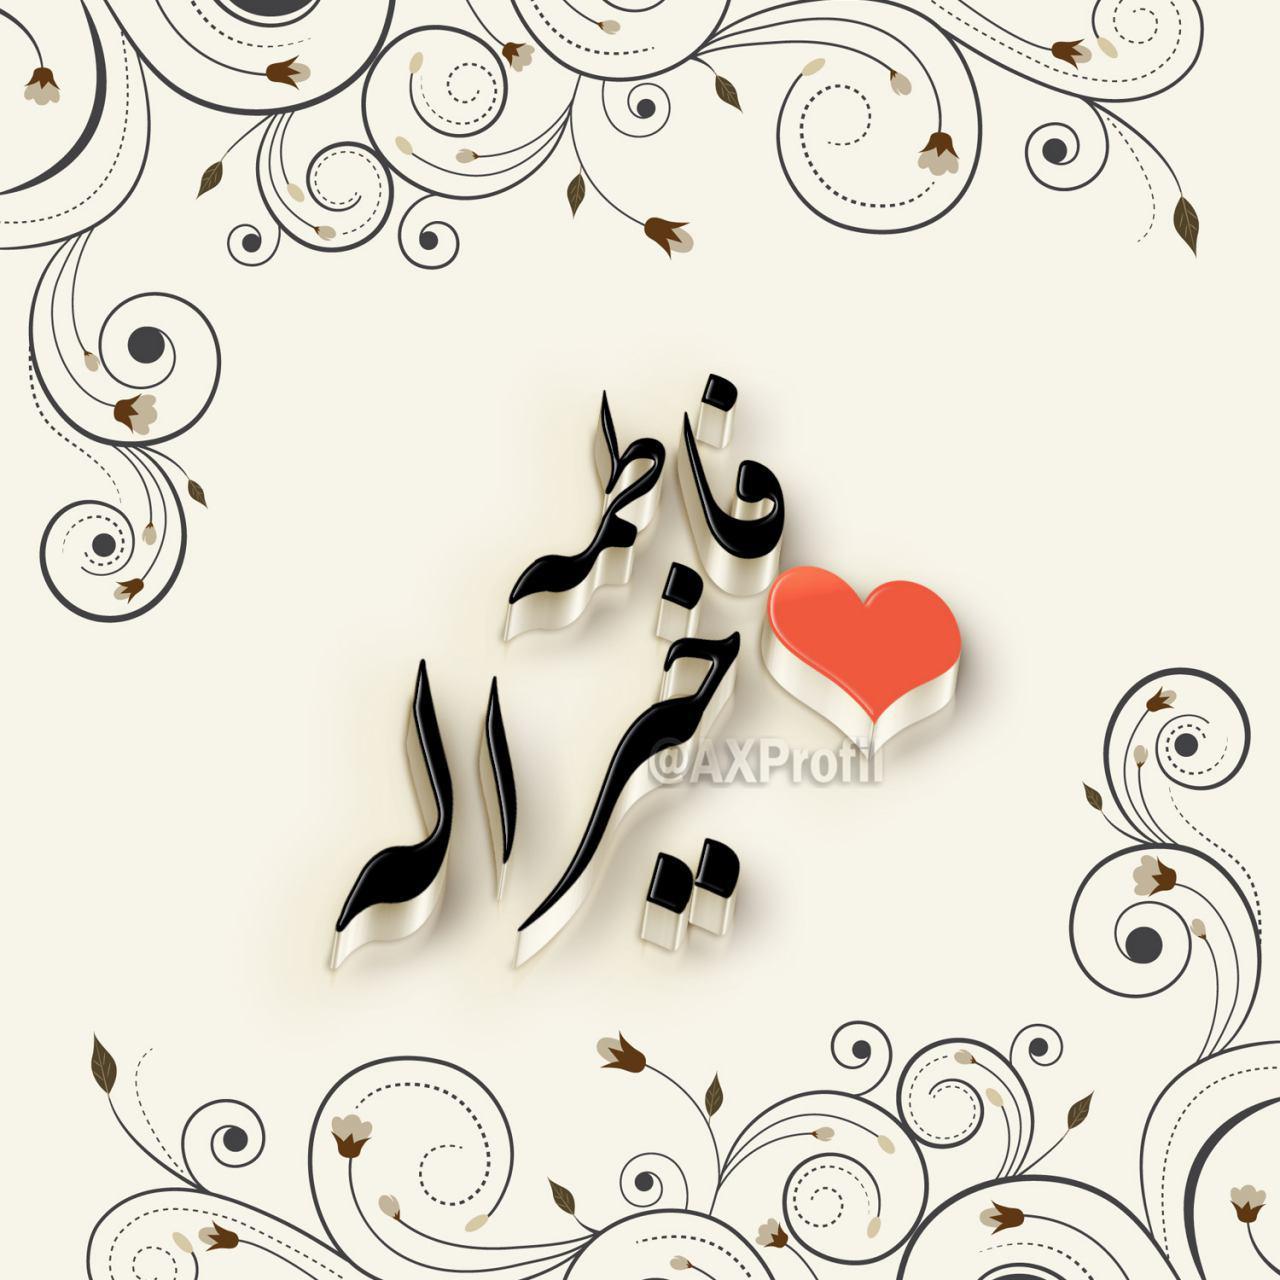 طرح گرافیکی لوگو اسم عاشقانه اسم خیرالله و فاطمه